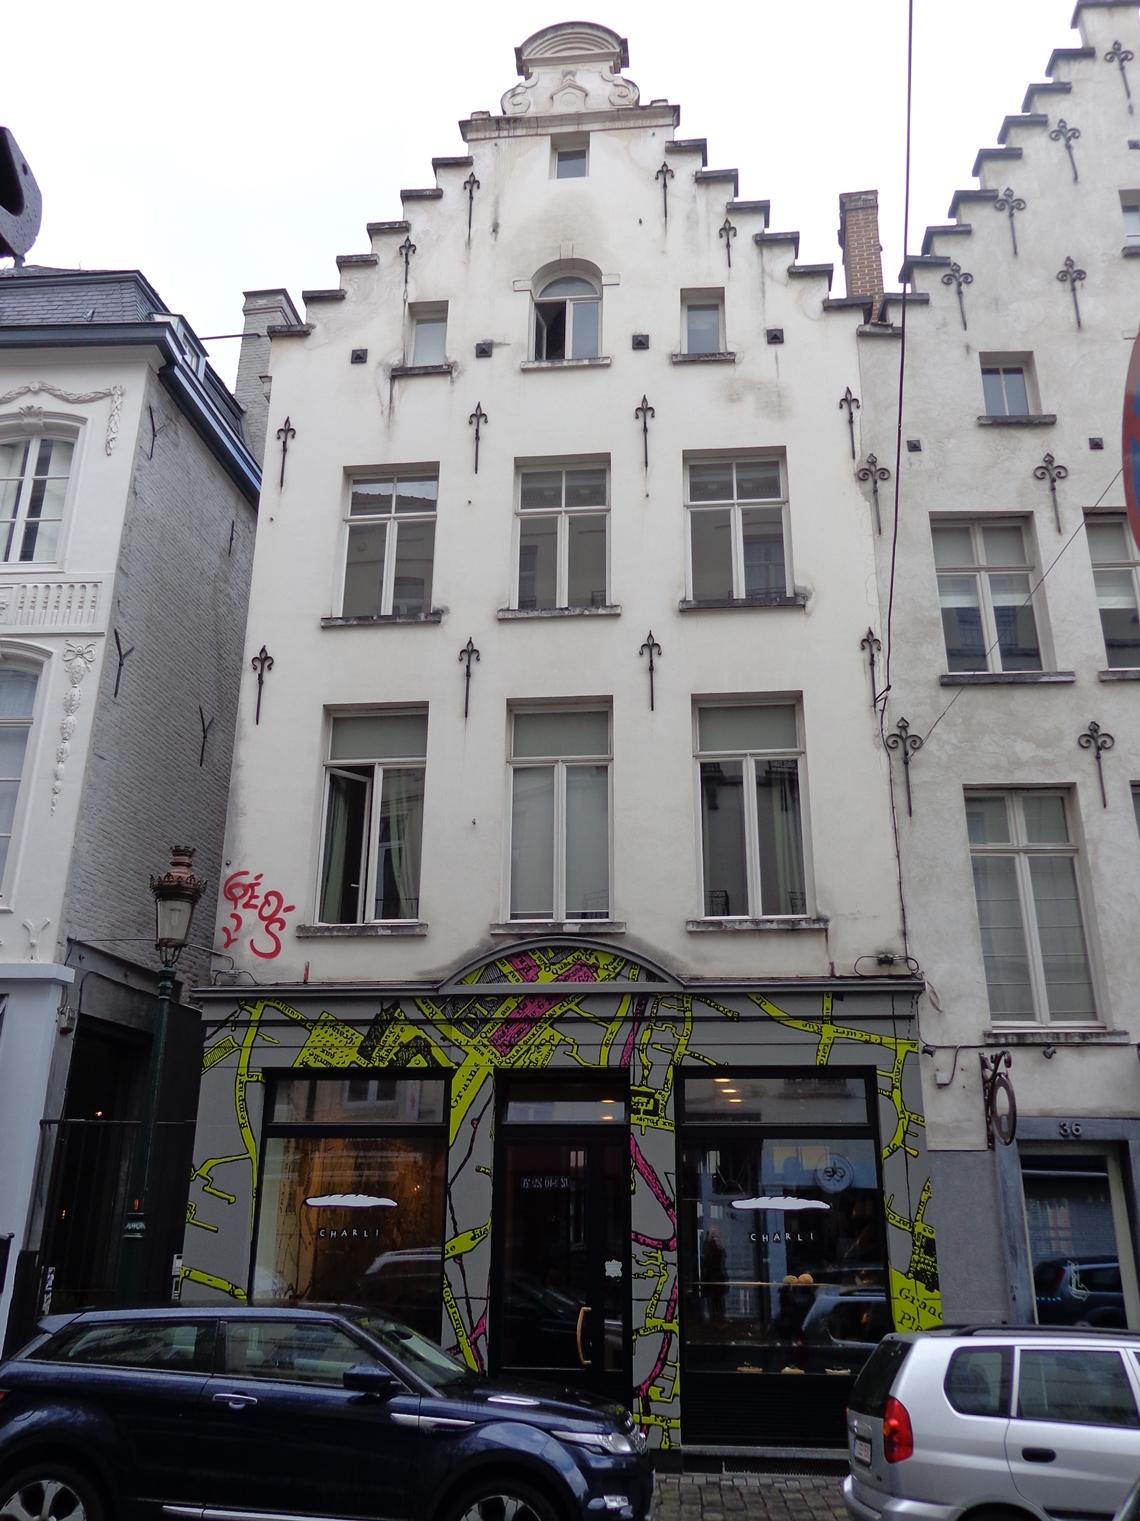 Rue Sainte-Catherine 34 et rue de la Machoire, 2015